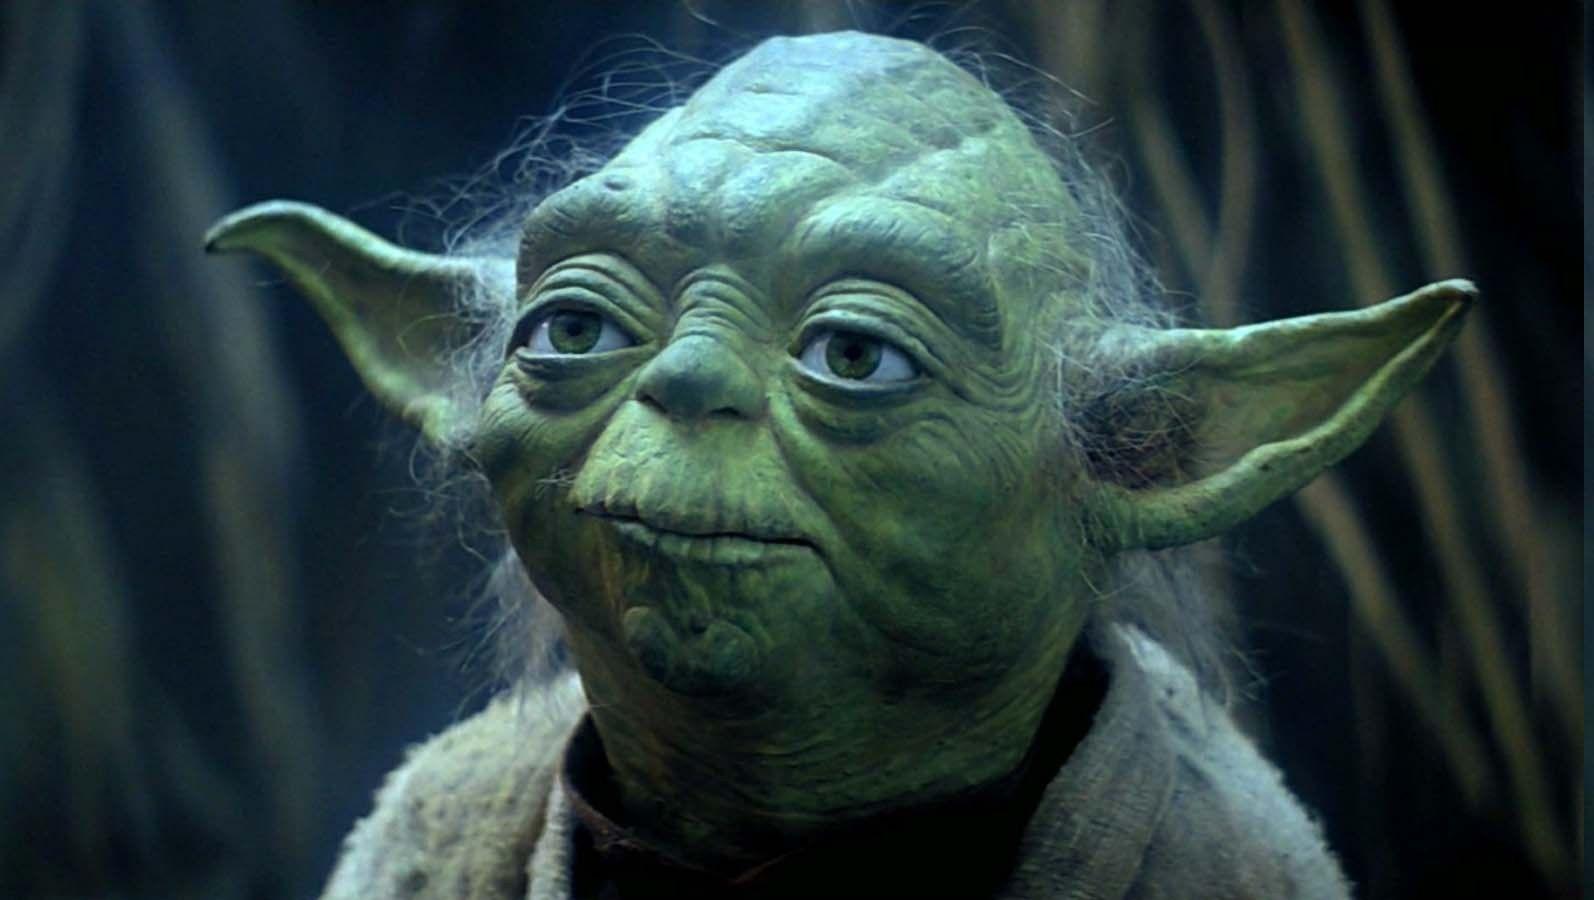 Star Wars Yoda Wallpaper Star Wars Film Star Wars Episodes Star Wars Quotes